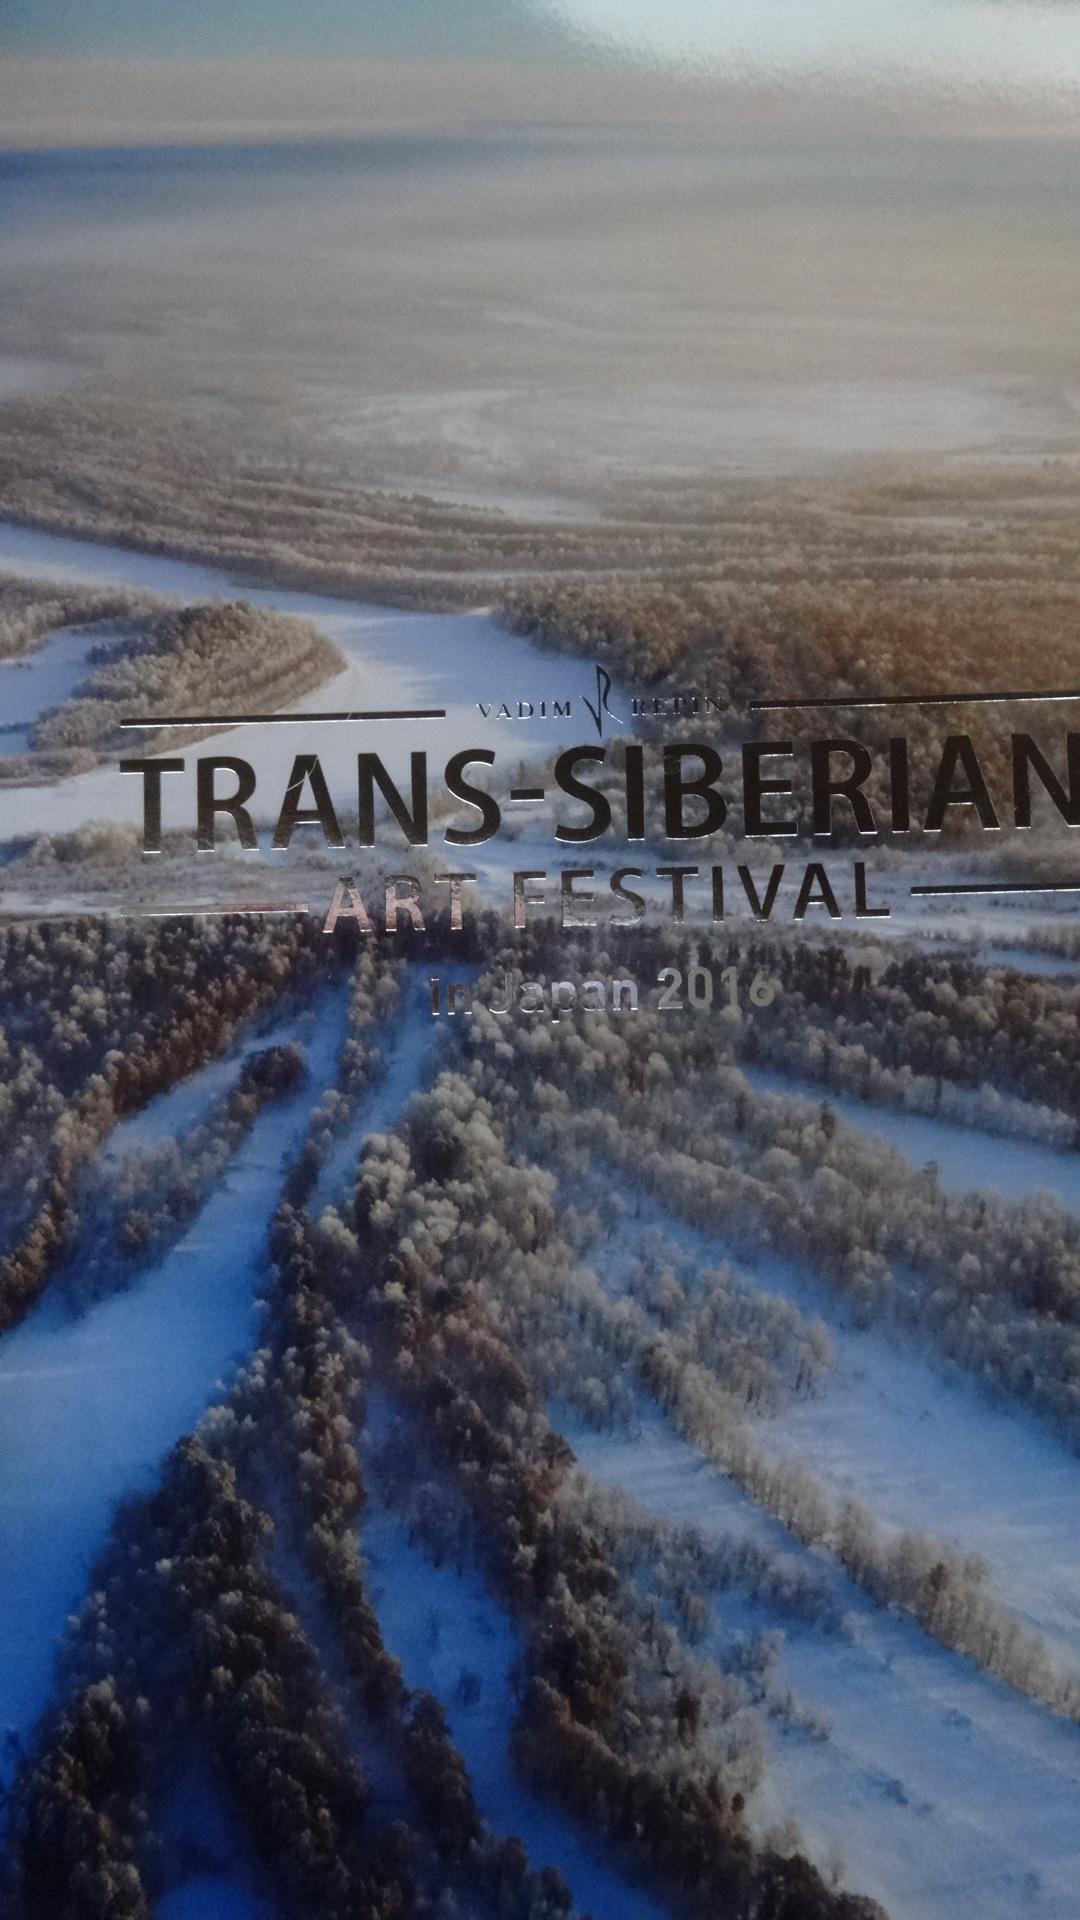 トランス=シベリア芸術祭のパンフレット